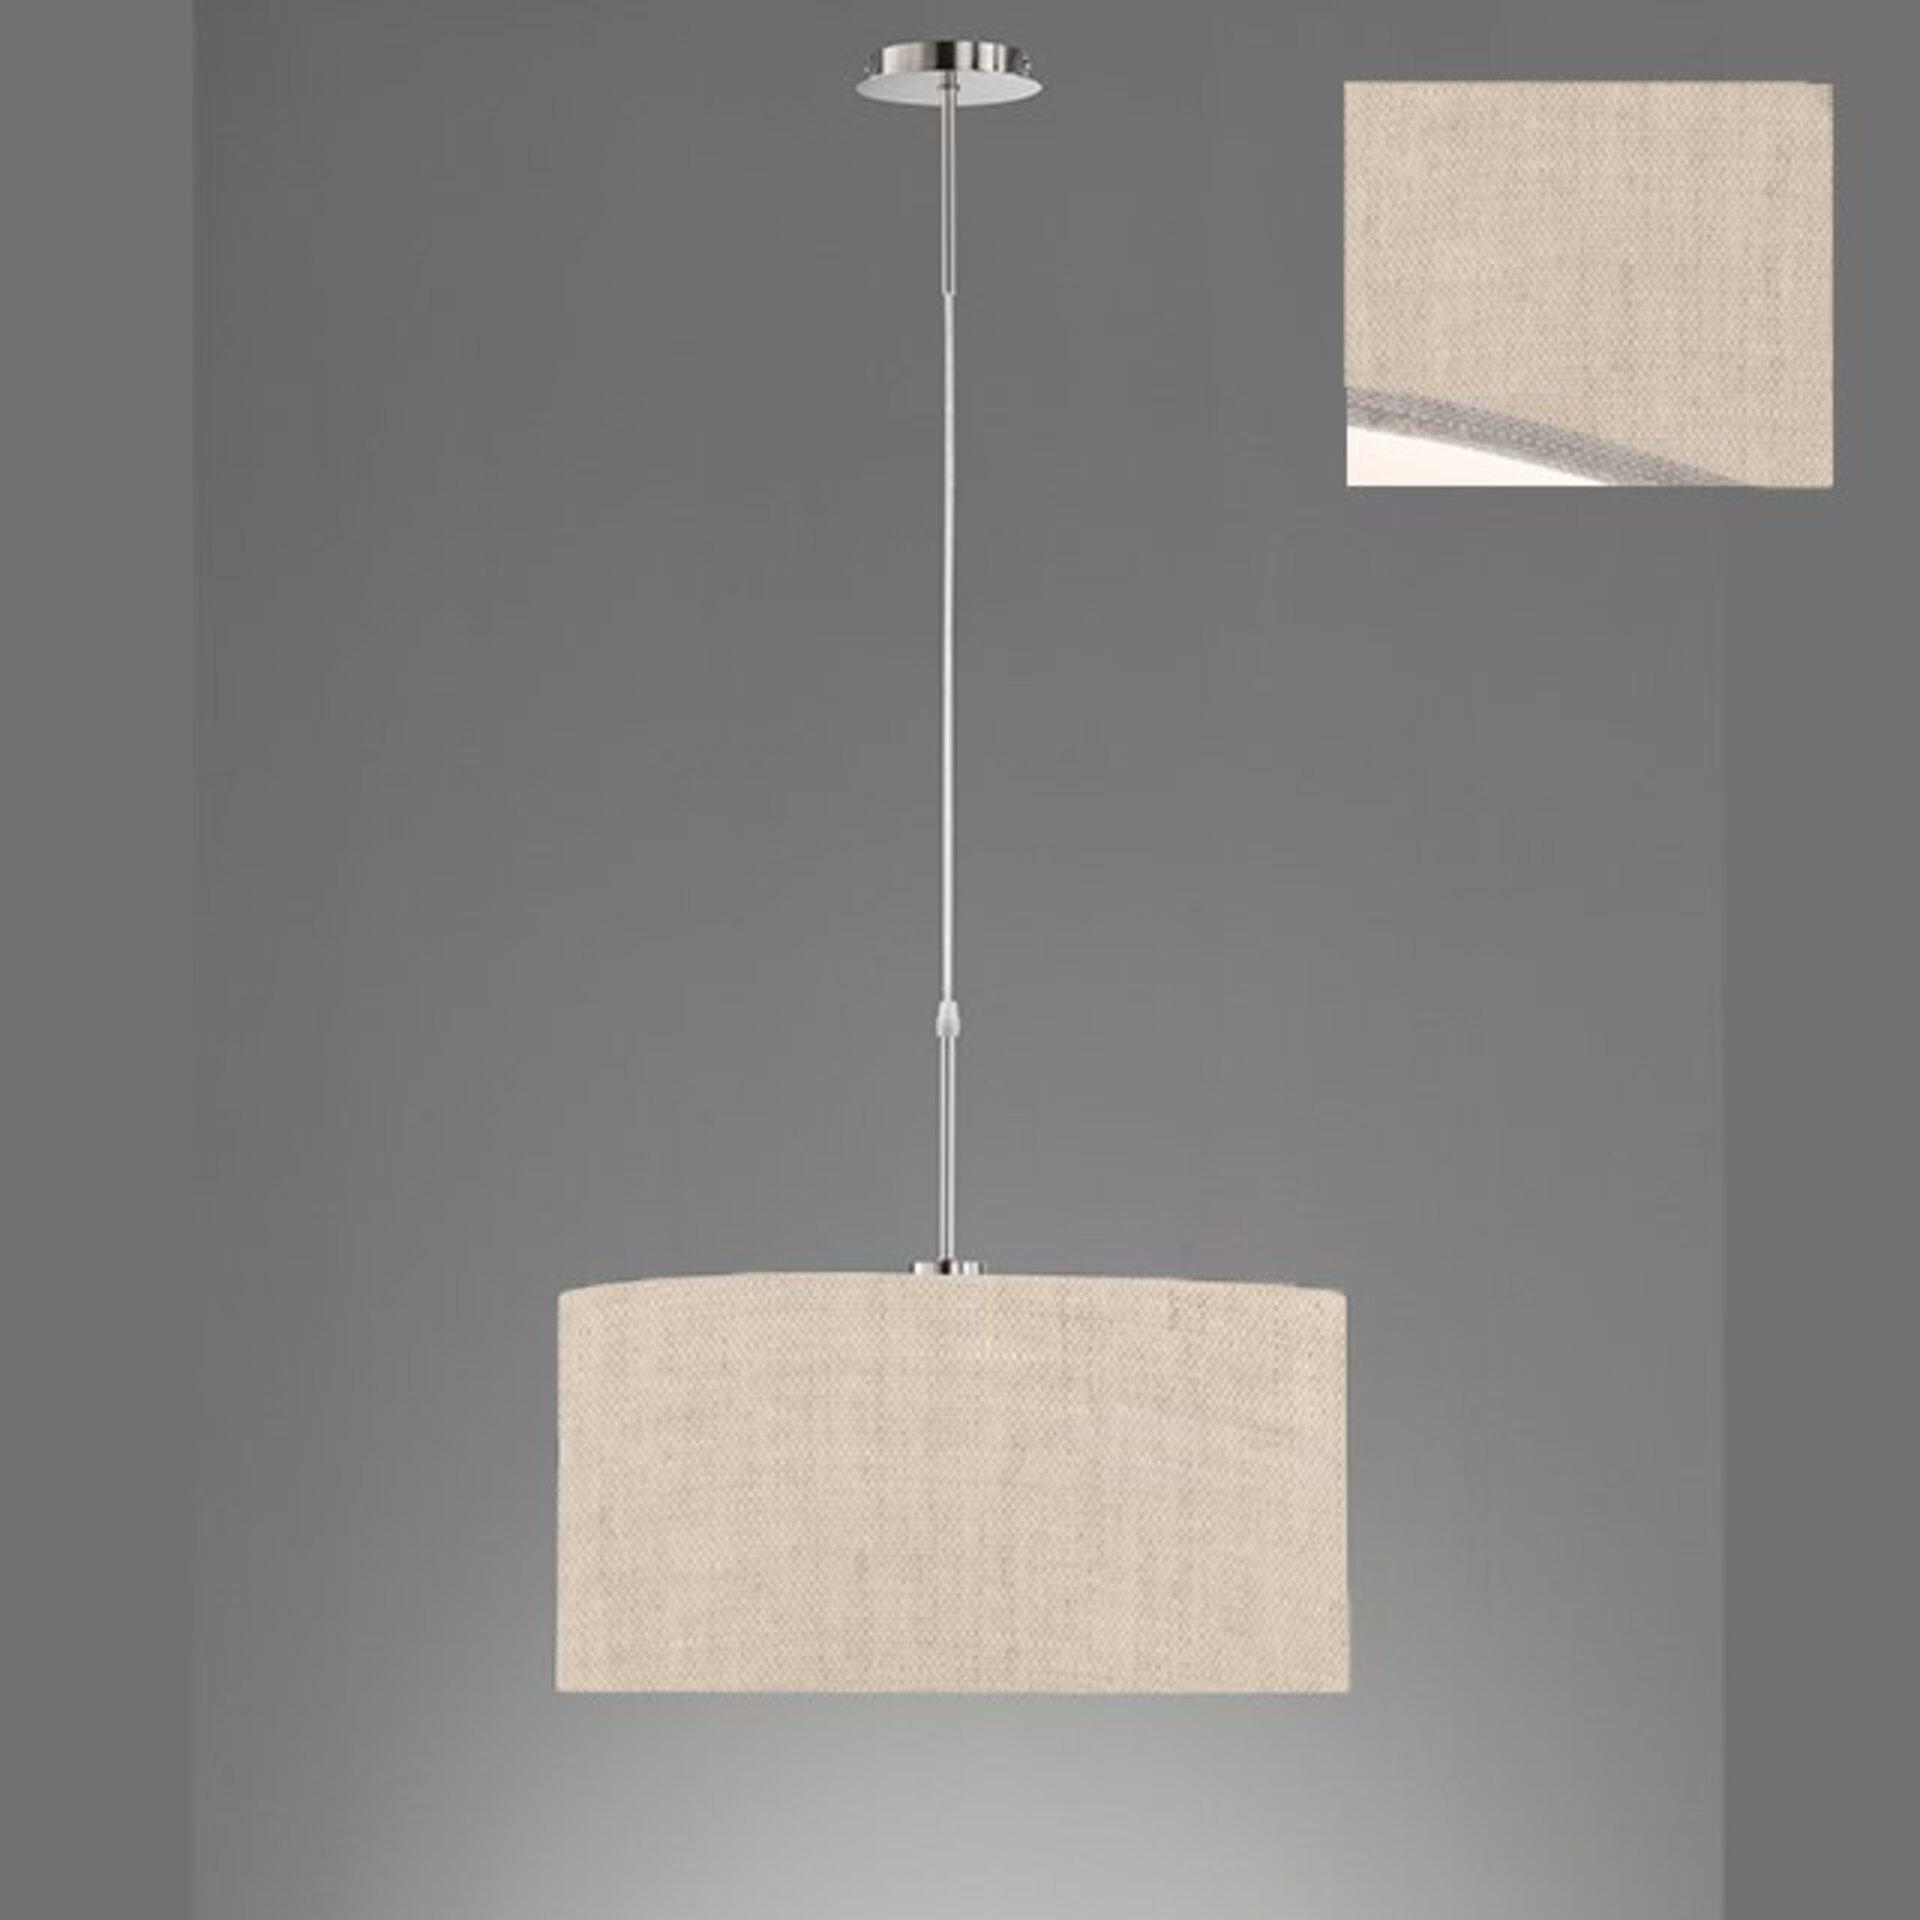 Hängeleuchte Marie Fischer-Honsel Textil beige 50 x 140 x 50 cm